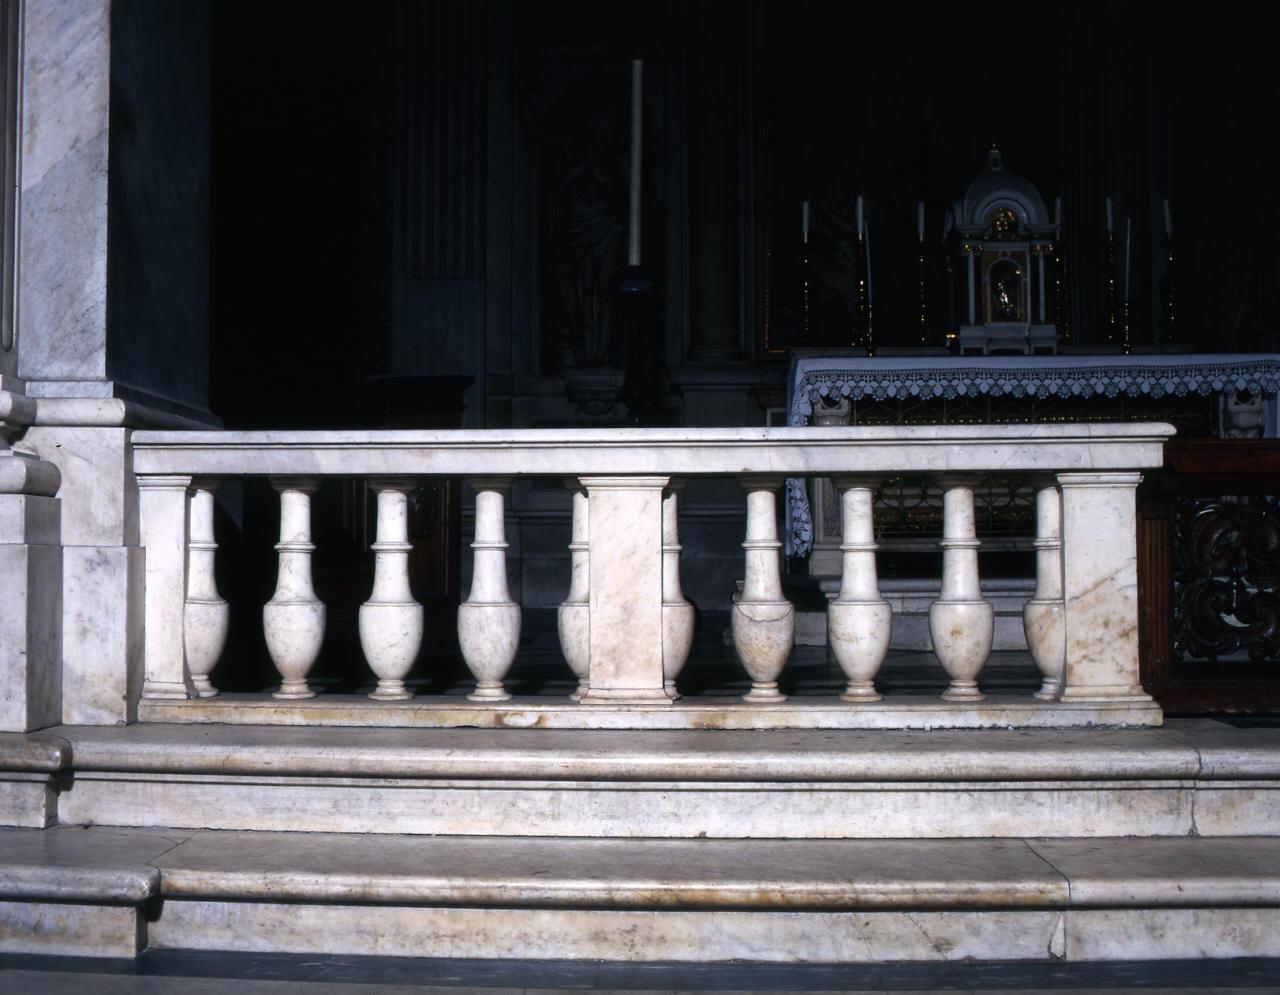 balaustrata di Boulogne Jean de detto Giambologna, Piccardi Jacopo (sec. XVI)